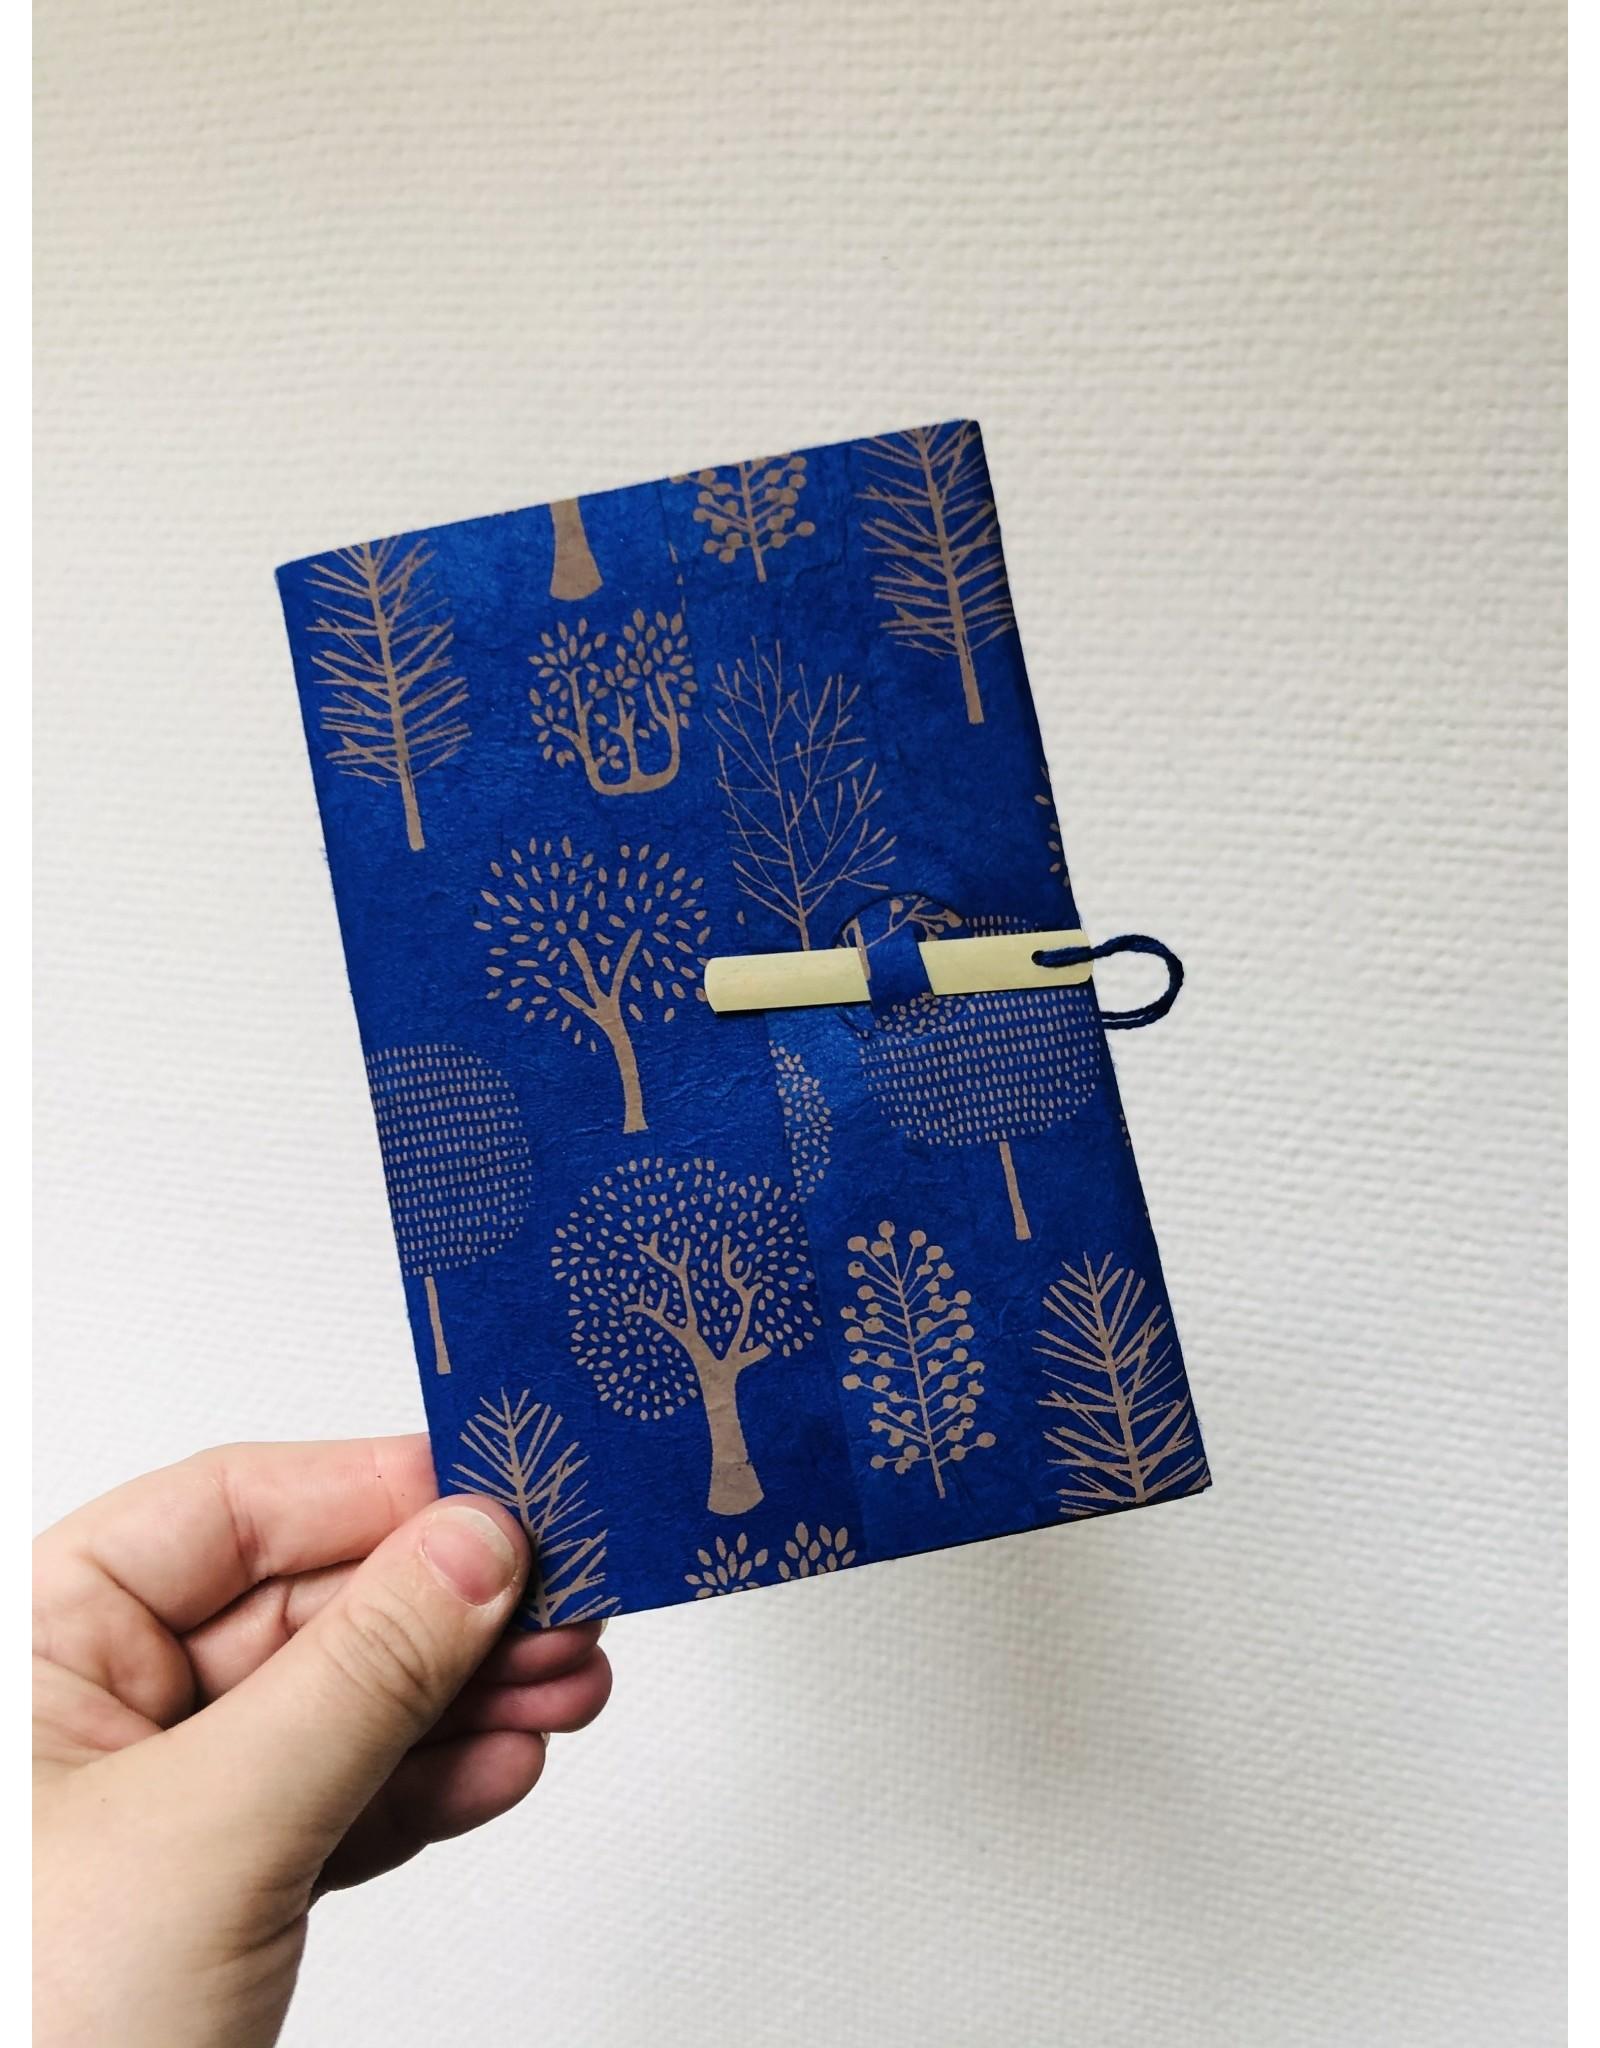 Lamali Boekje Escapade - Blauw Bomen - Zachte papieren kaft  - 20 ivoren pagina's - Handgemaakt 100% katoenpapier - 10  x 15,5 cm